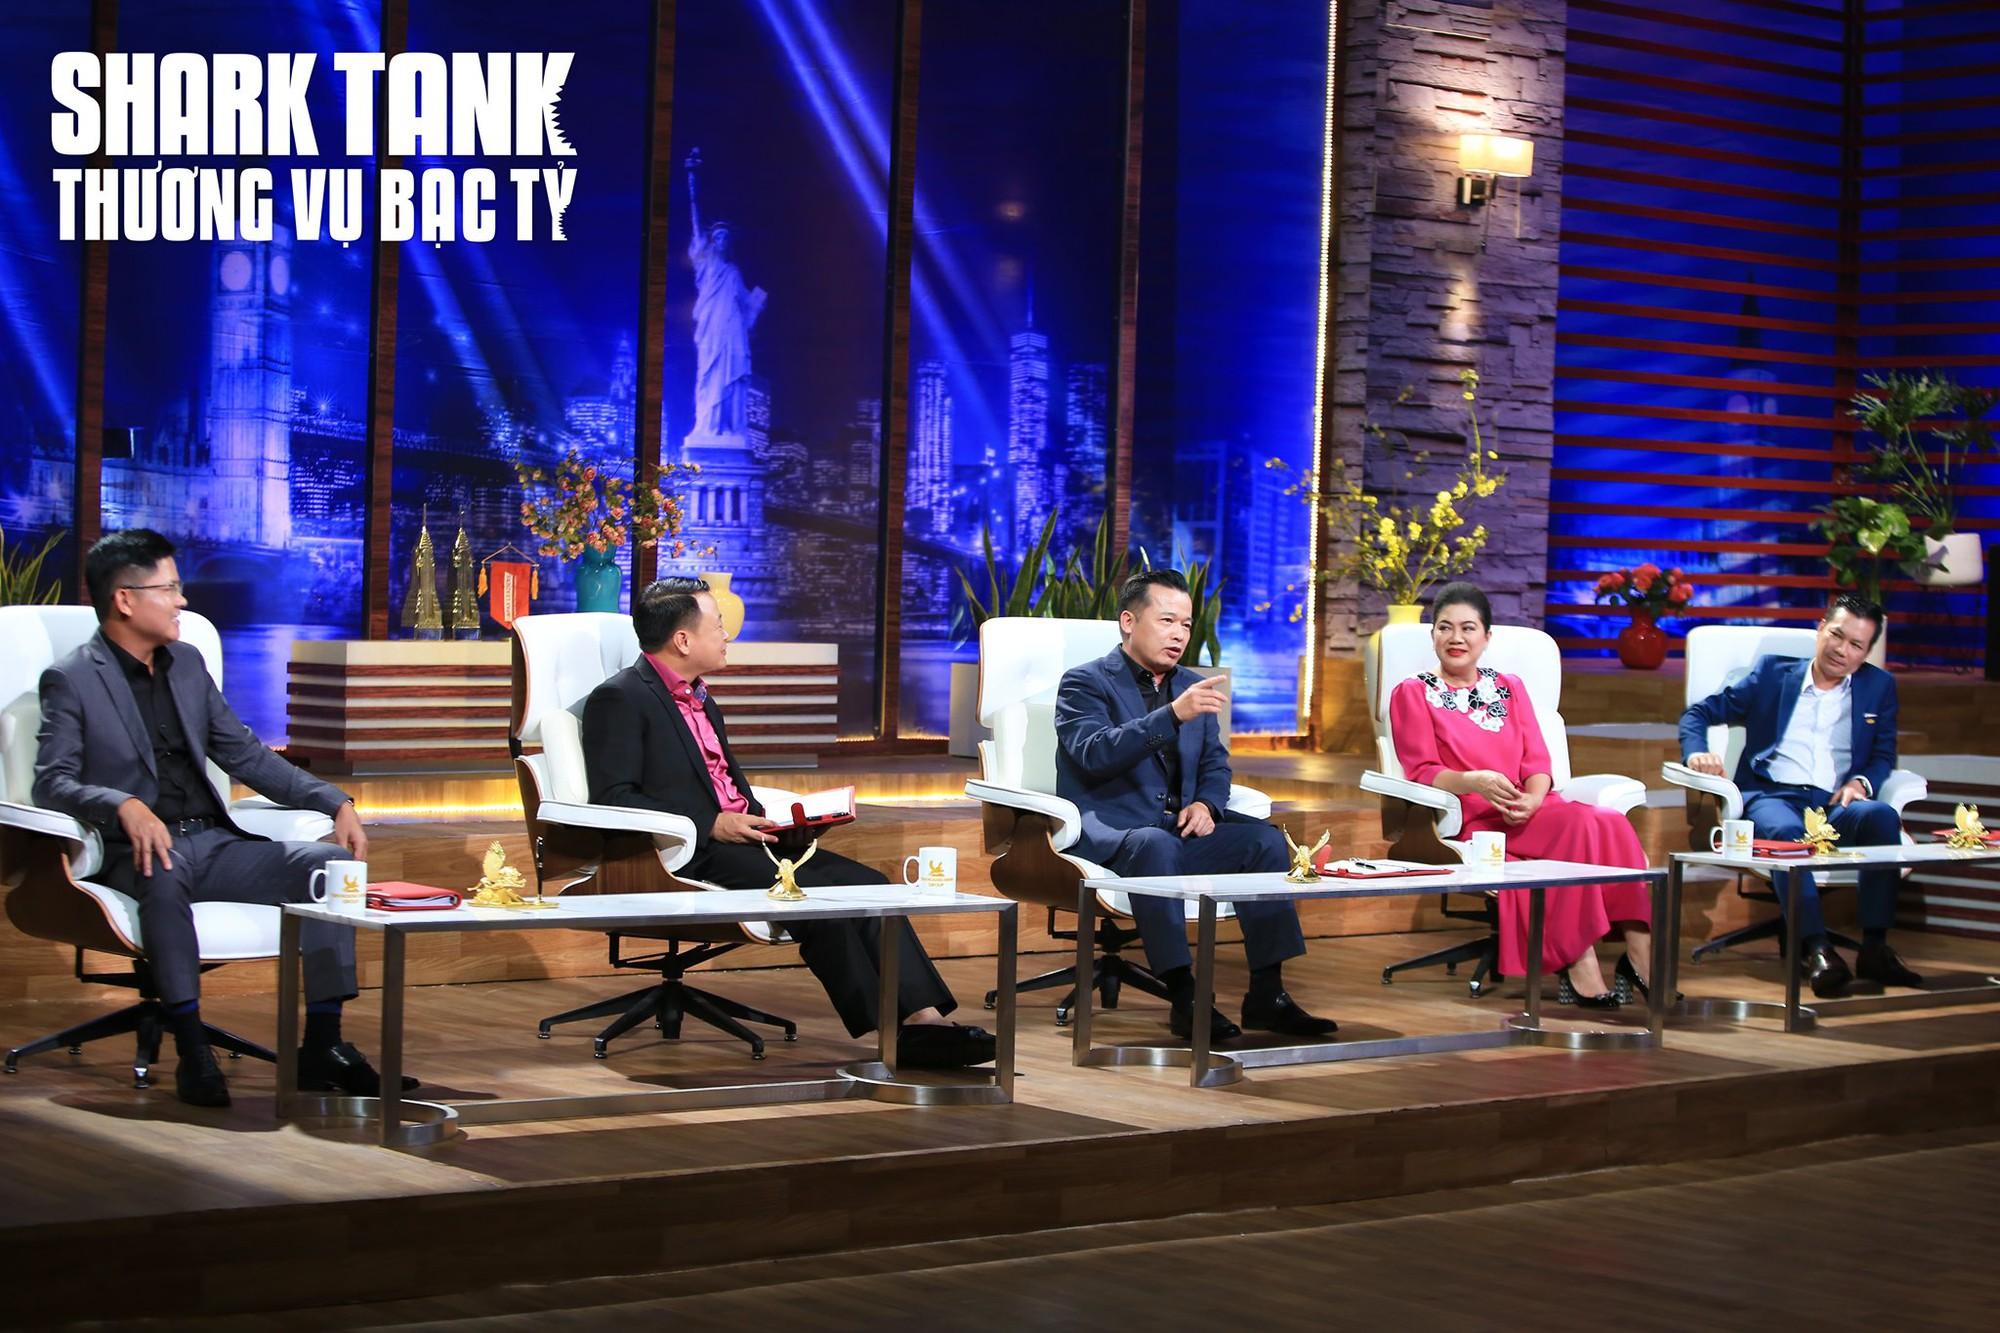 Định giá dự án hơn trăm tỉ trên Shark Tank Việt Nam, hai cô gái được gọi là 'người ngoài hành tinh' - Ảnh 3.